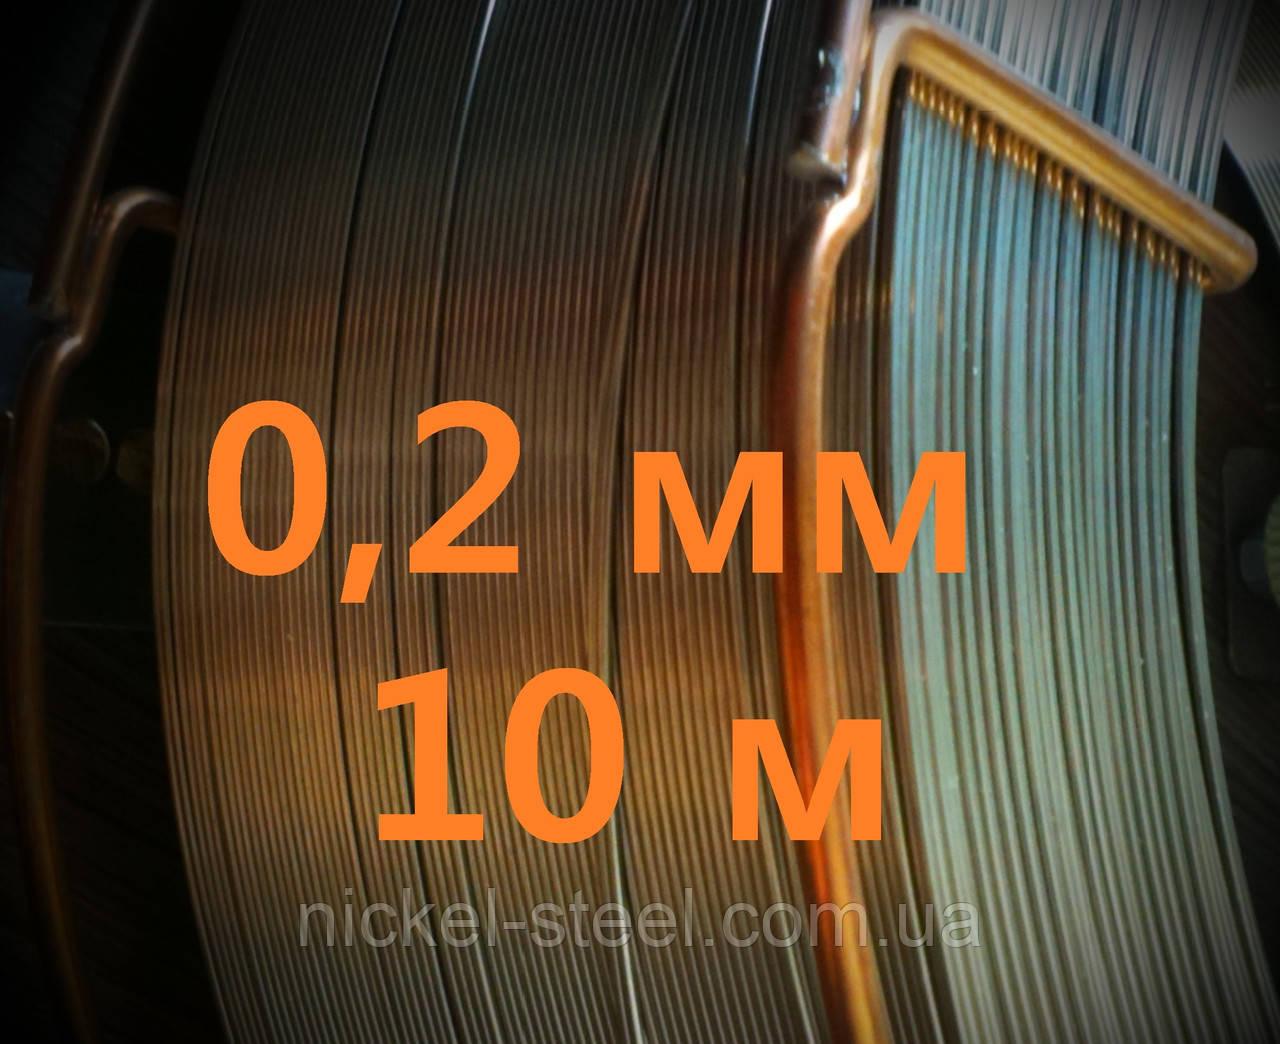 Проволока нержавеющая 0,2 мм 10 метров